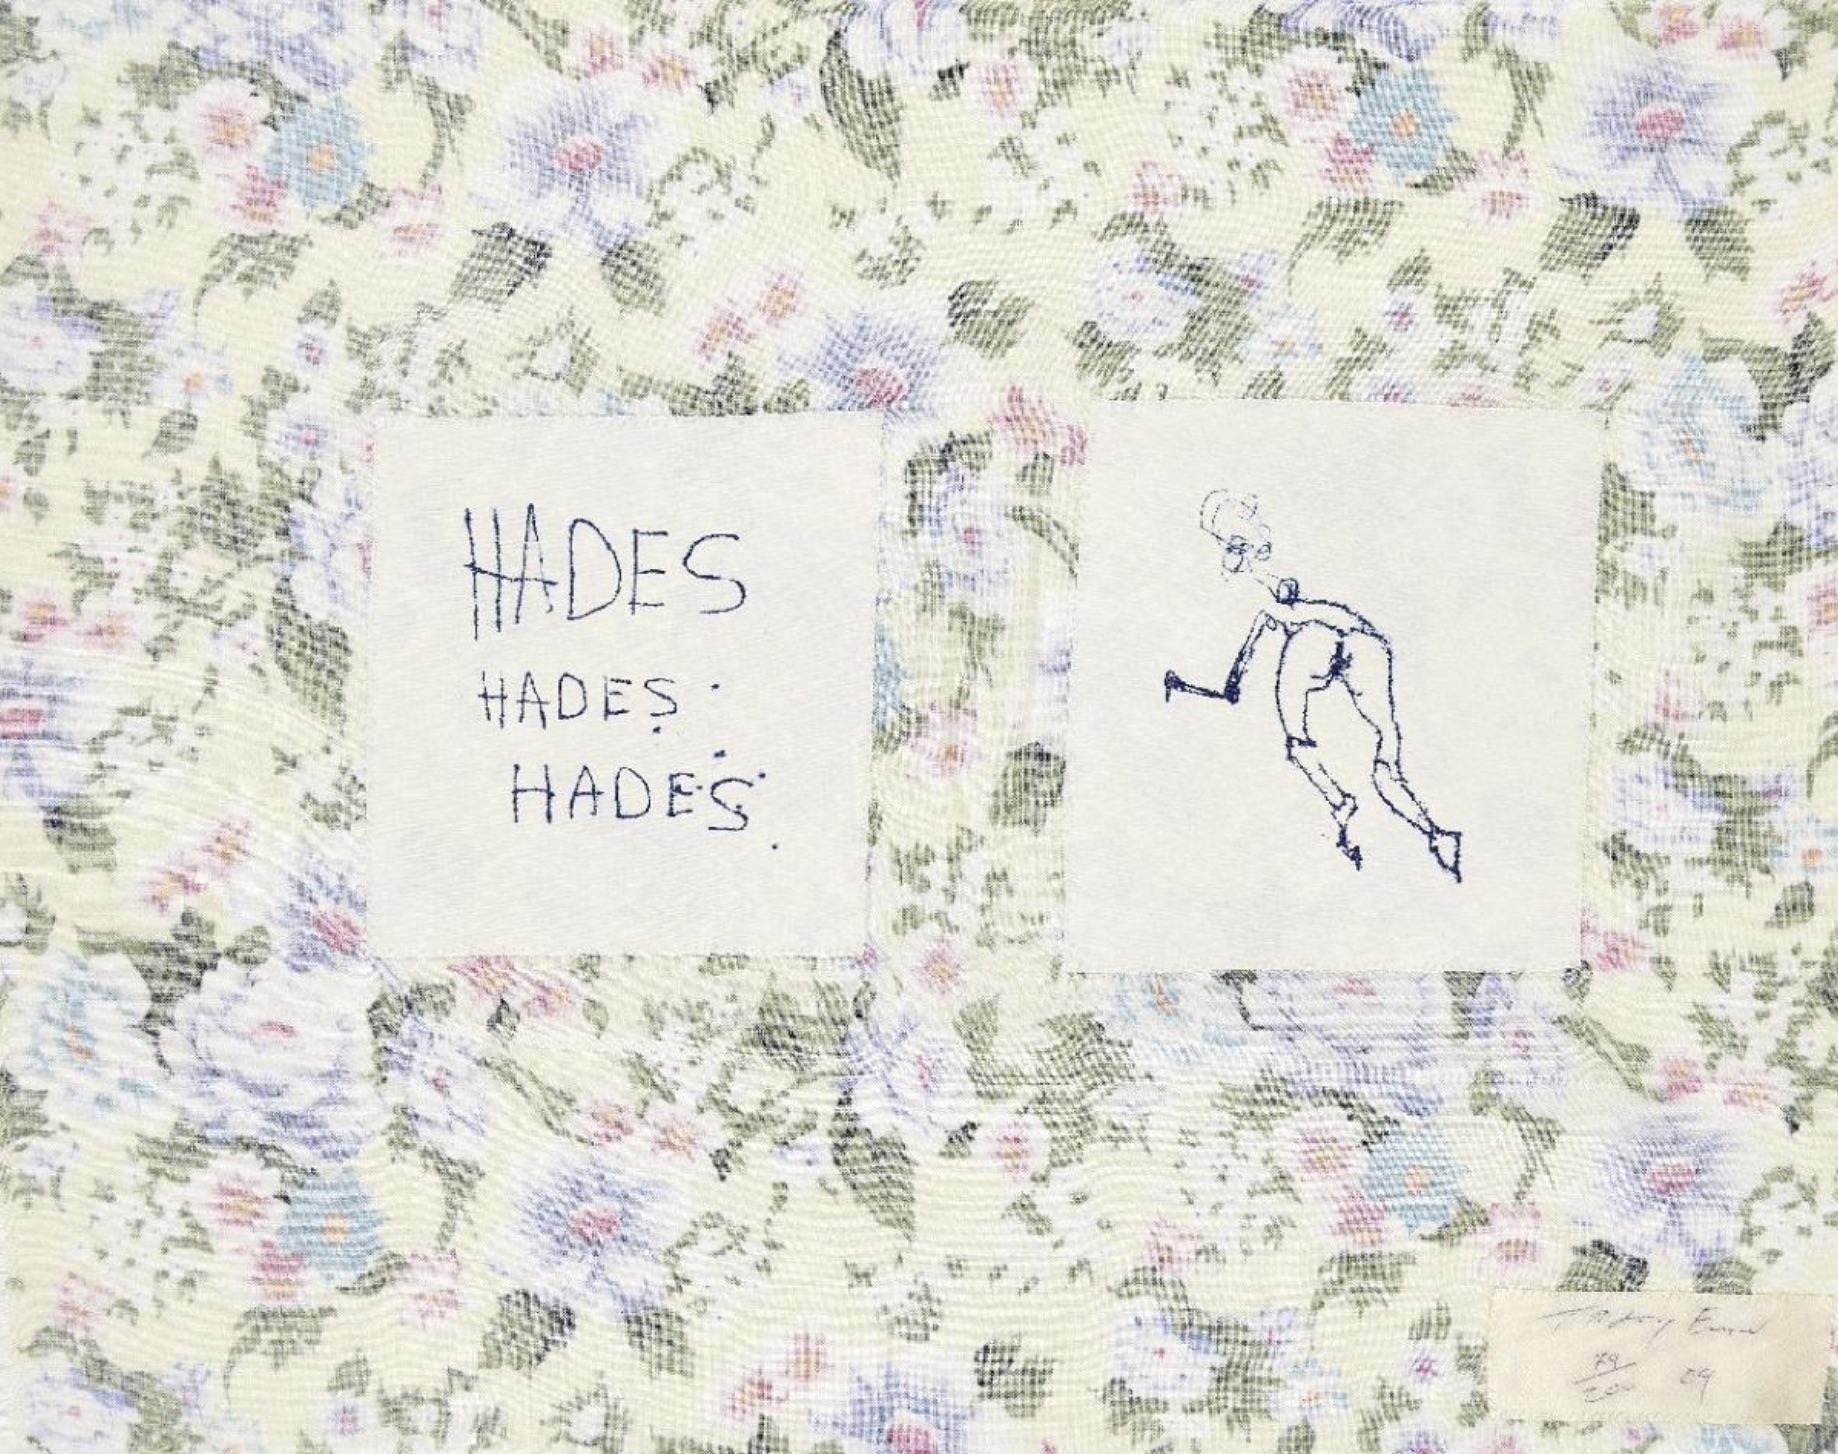 Tracey Emin - Hades Hades Hades